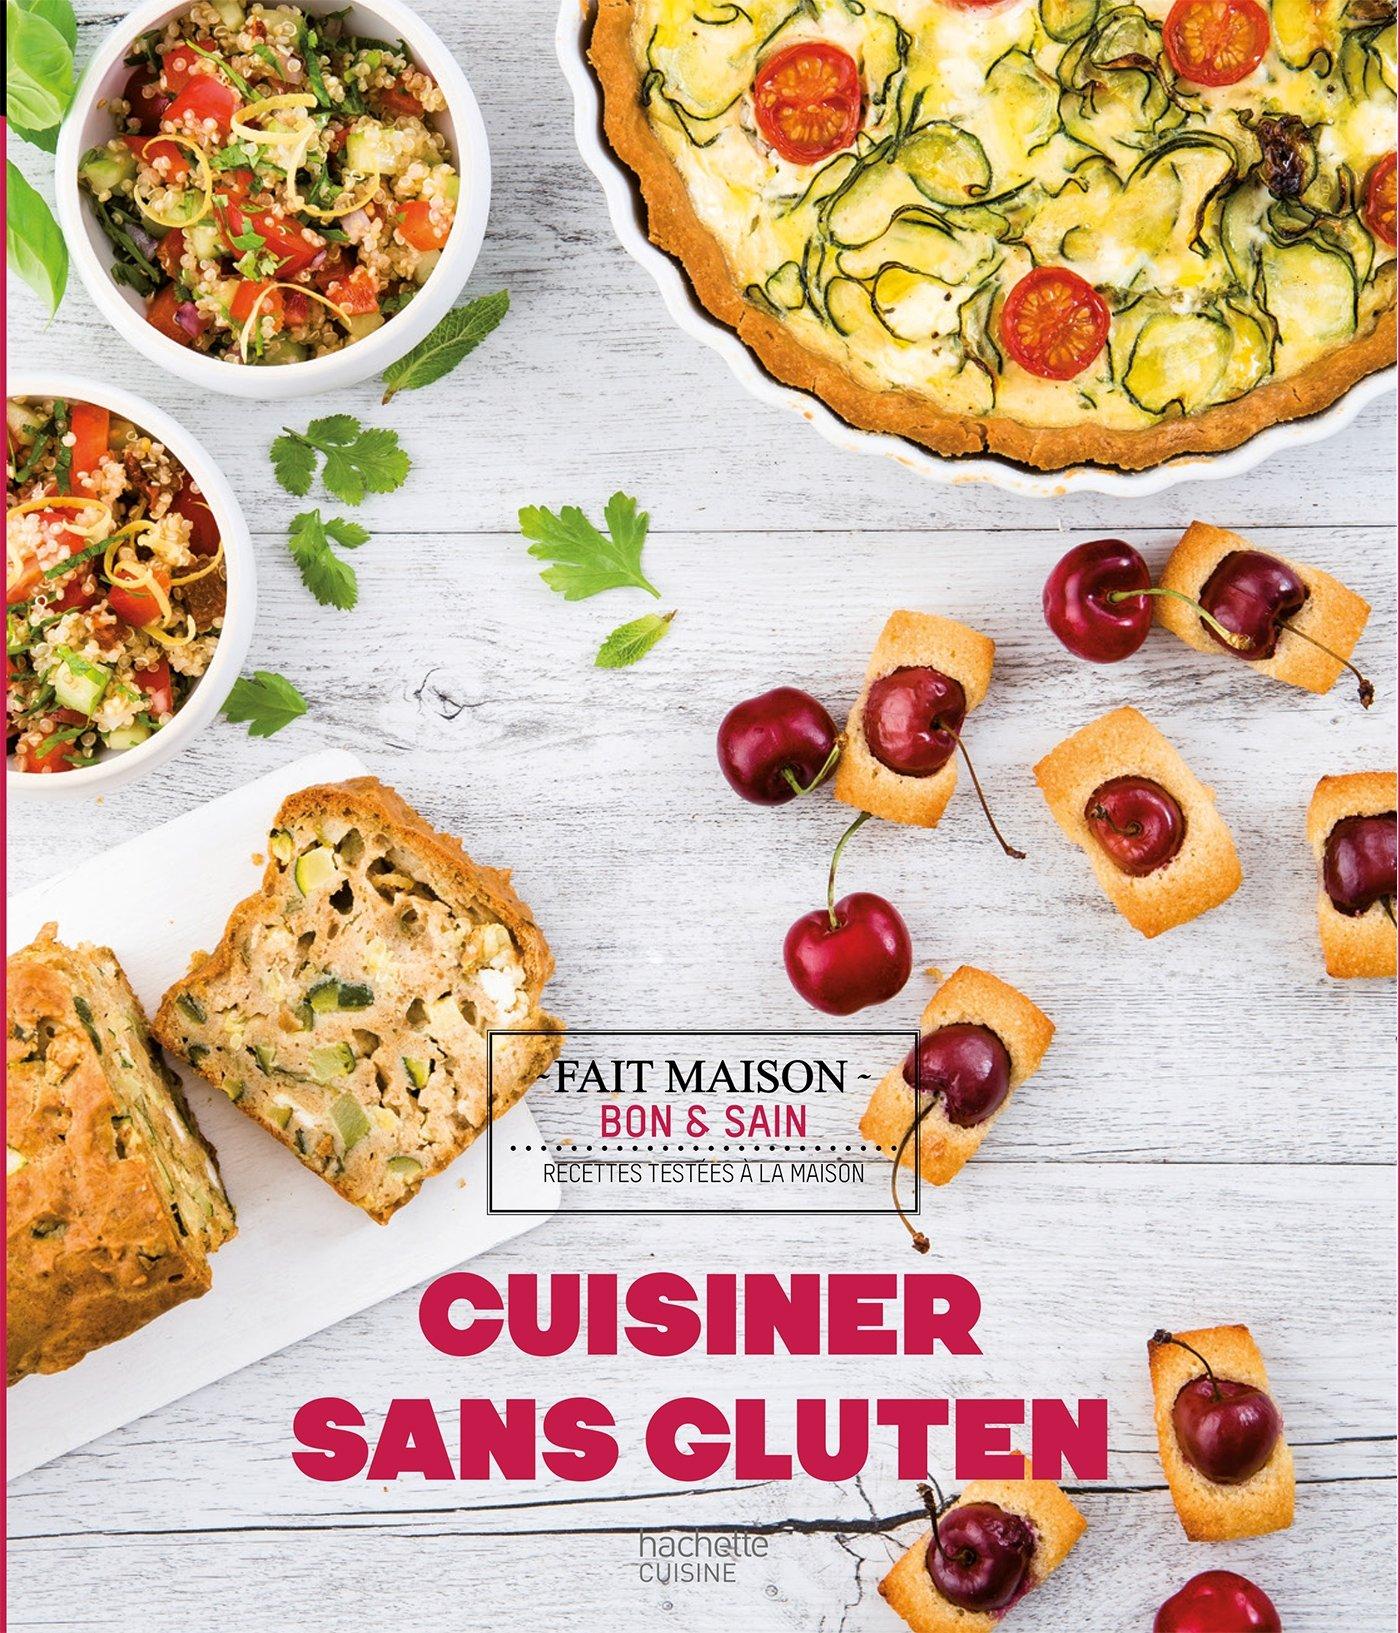 Amazonfr Cuisiner Sans Gluten Clémentine Miserolle Livres - Je cuisine sans gluten